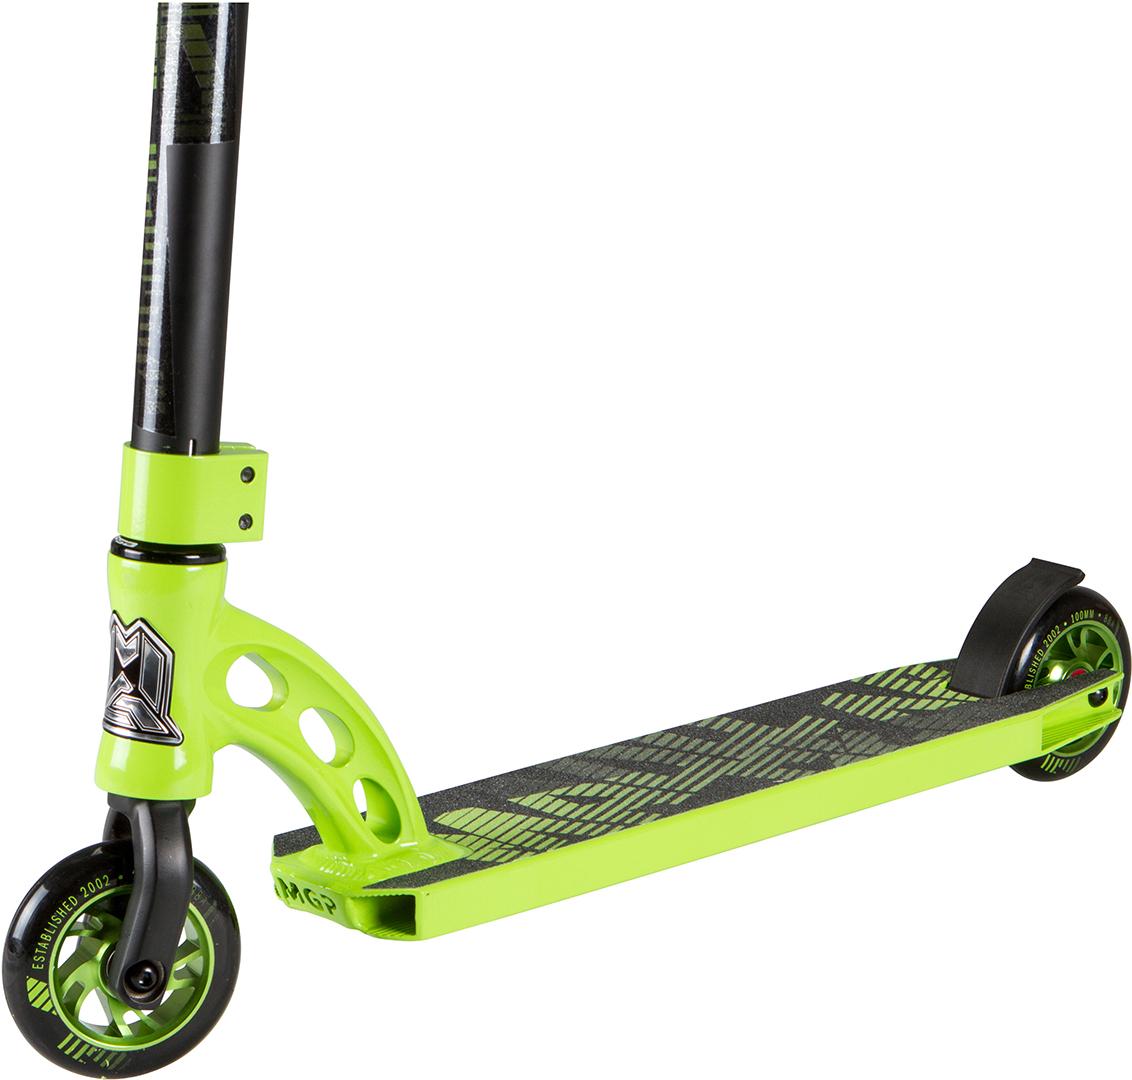 madd scooter stuntscooter mgp vx7 pro green kinder stunt. Black Bedroom Furniture Sets. Home Design Ideas